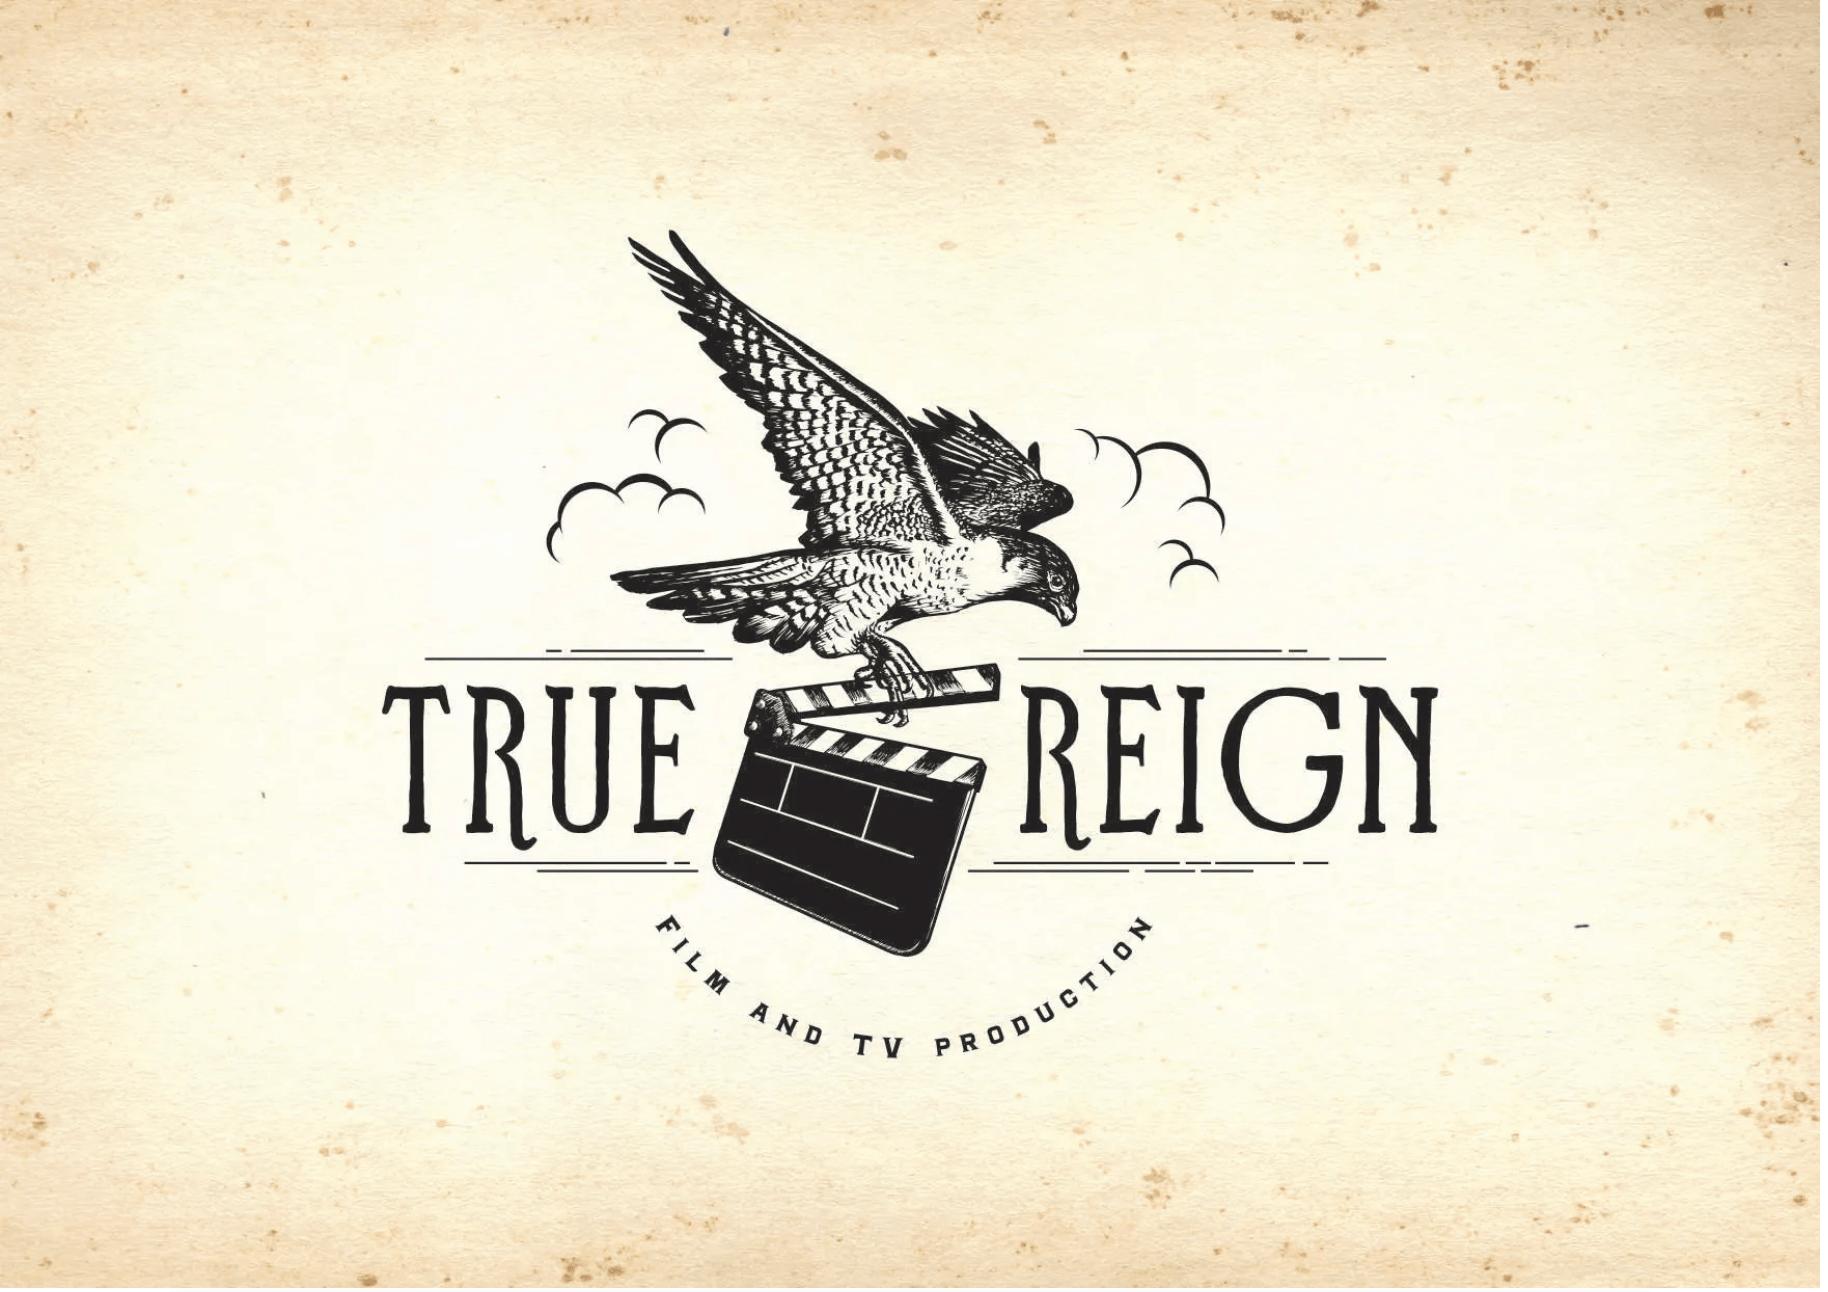 Vintage logo by Fiverr designer - True Reign